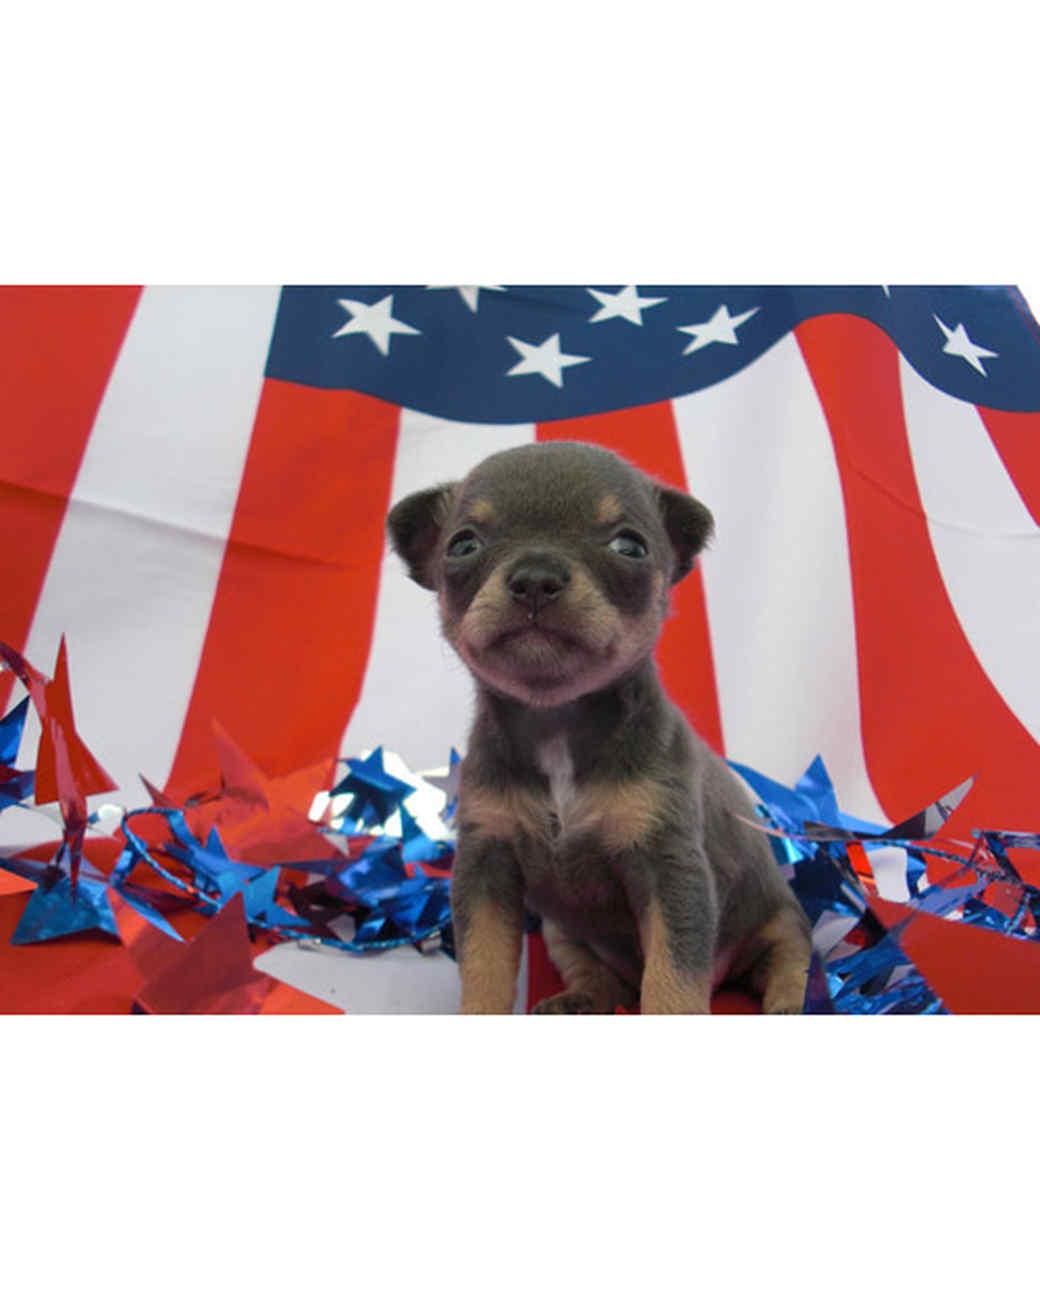 p_patriotic_10_9183289_10802354.jpg